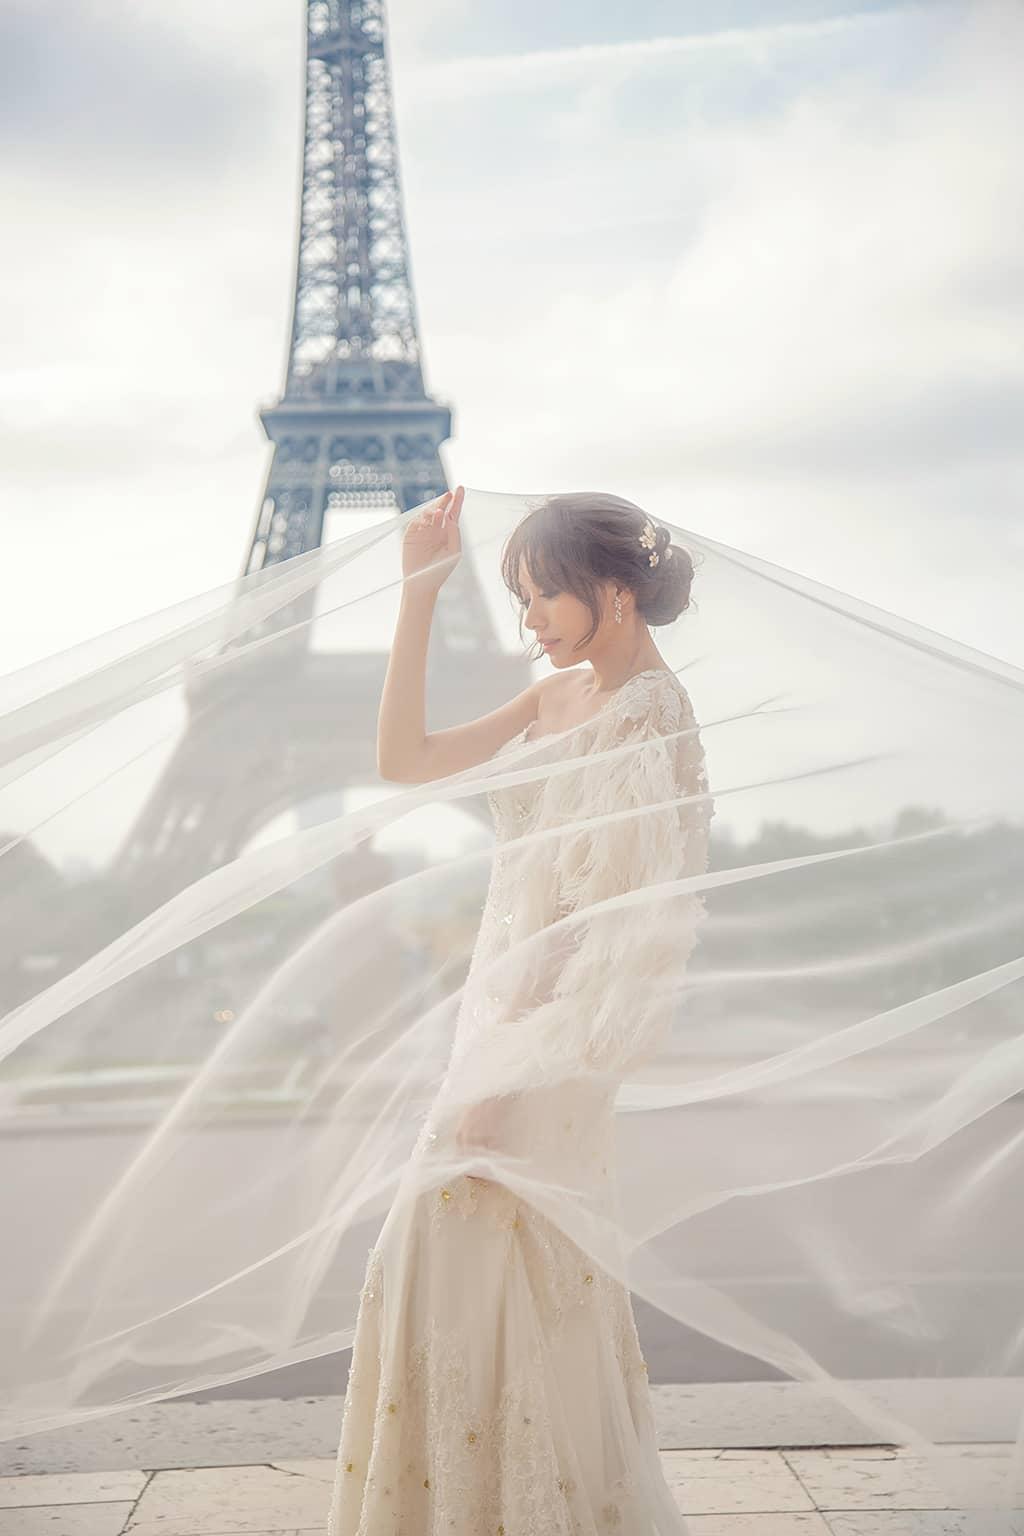 巴黎婚紗,海外婚紗,歐洲婚紗,海外婚紗巴黎,巴黎婚紗攝影,巴黎鐵塔,法國巴黎婚紗,海外婚紗